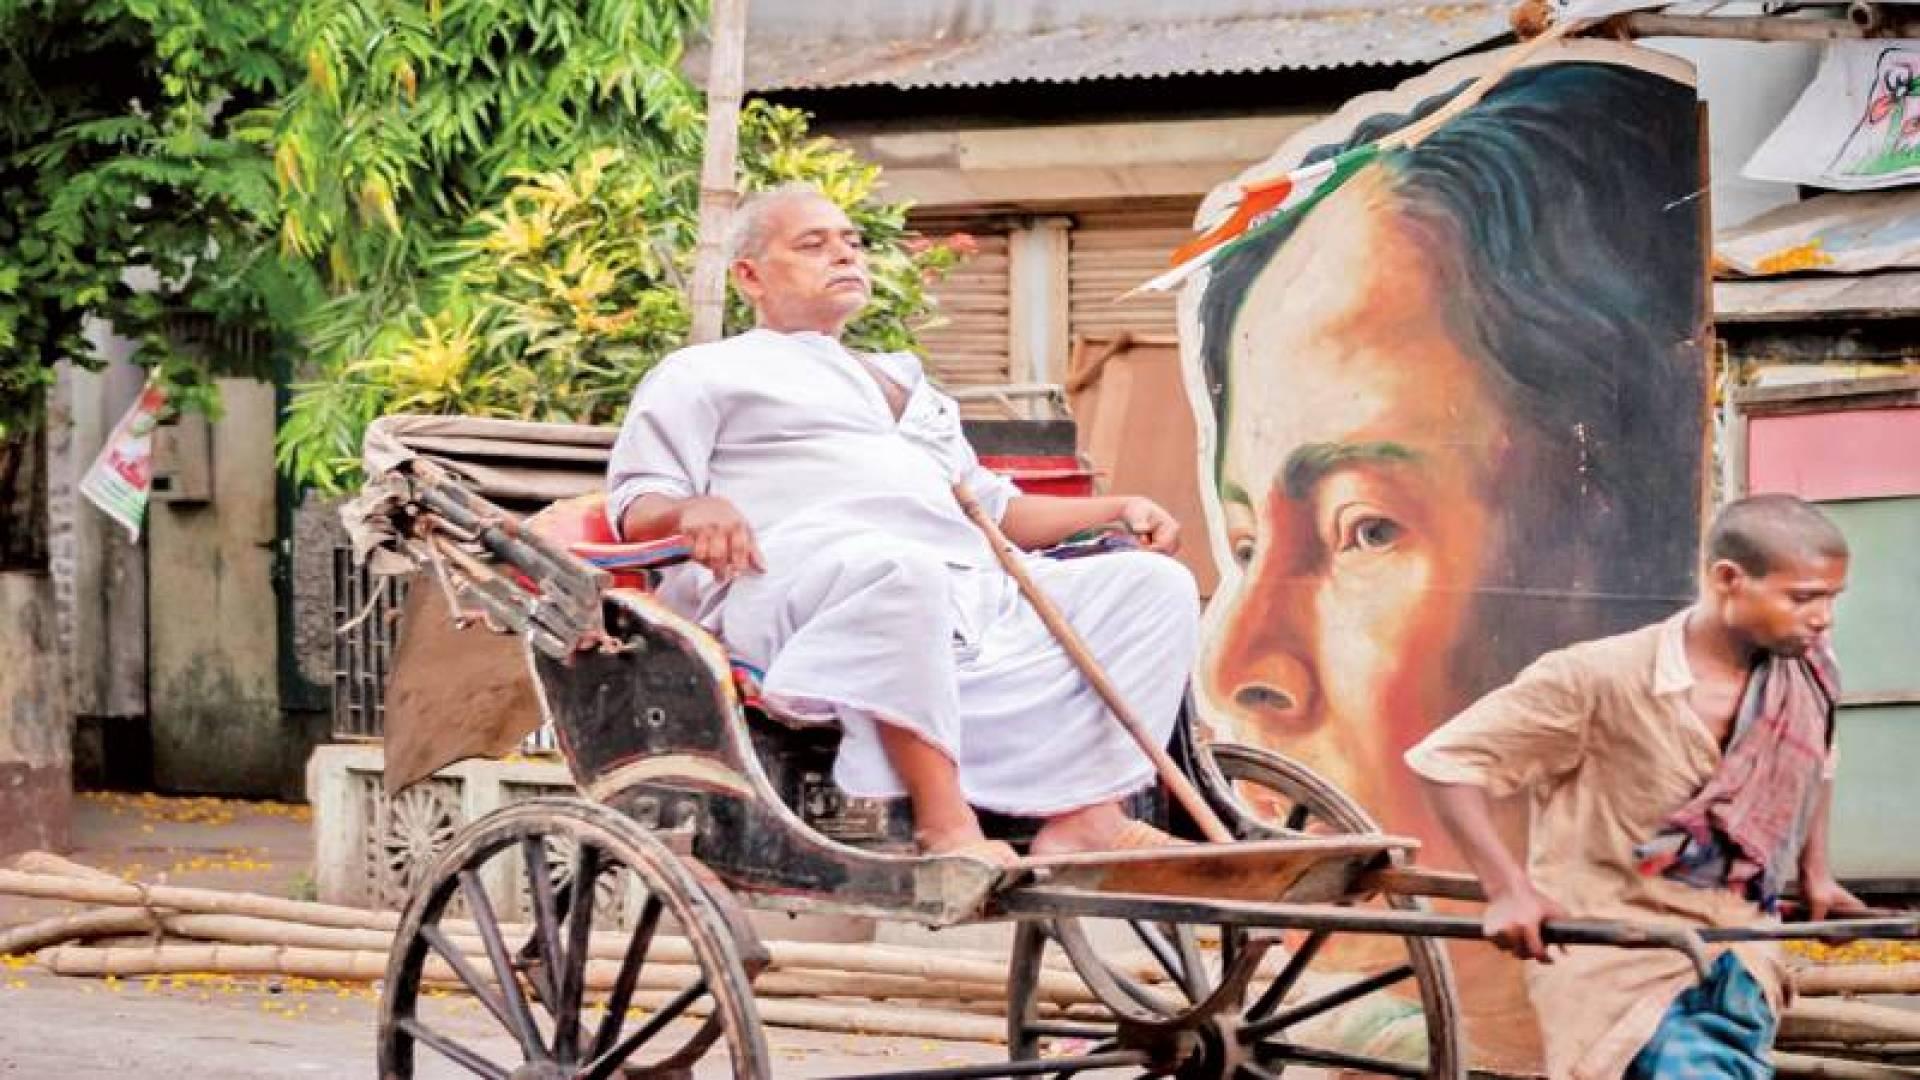 الهند : 200 مليون منبوذ في ظل نظام طبقي صارم